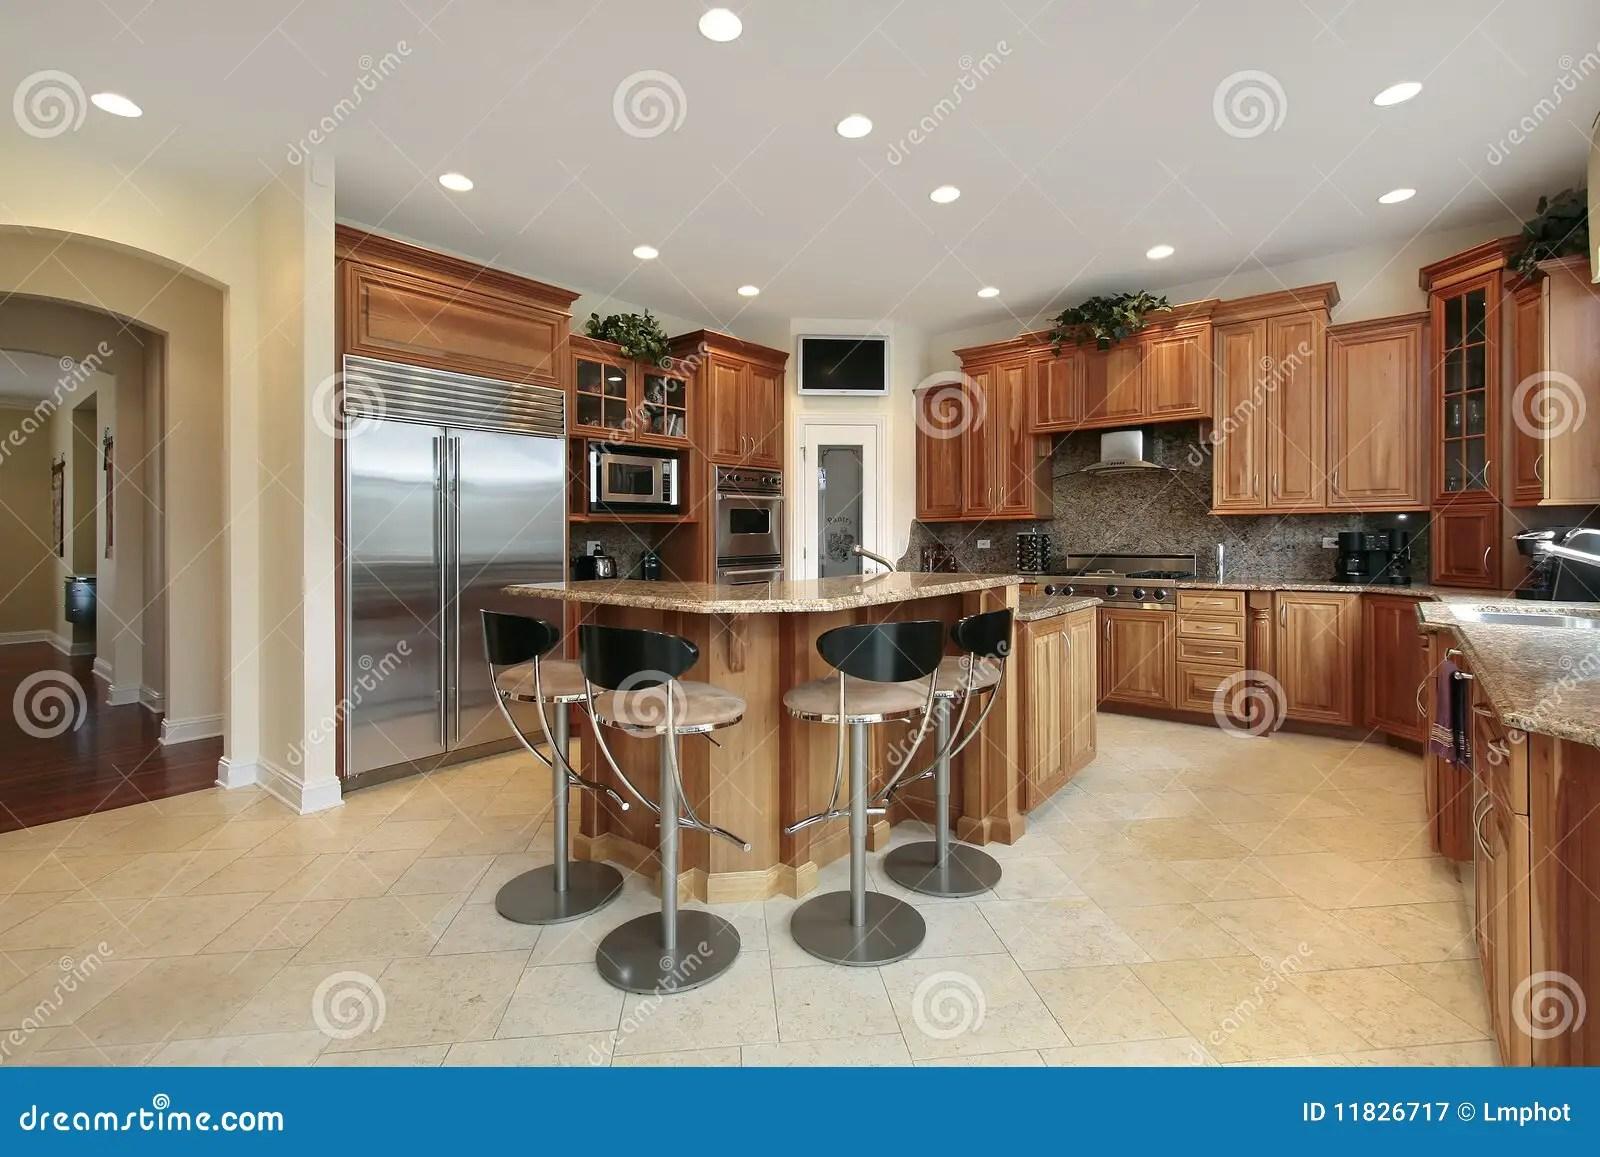 kitchen stools cabinet refinishing ct 棒厨房凳子库存图片 图片包括有内部 设计 照明设备 机柜 拱道 用餐 棒厨房凳子